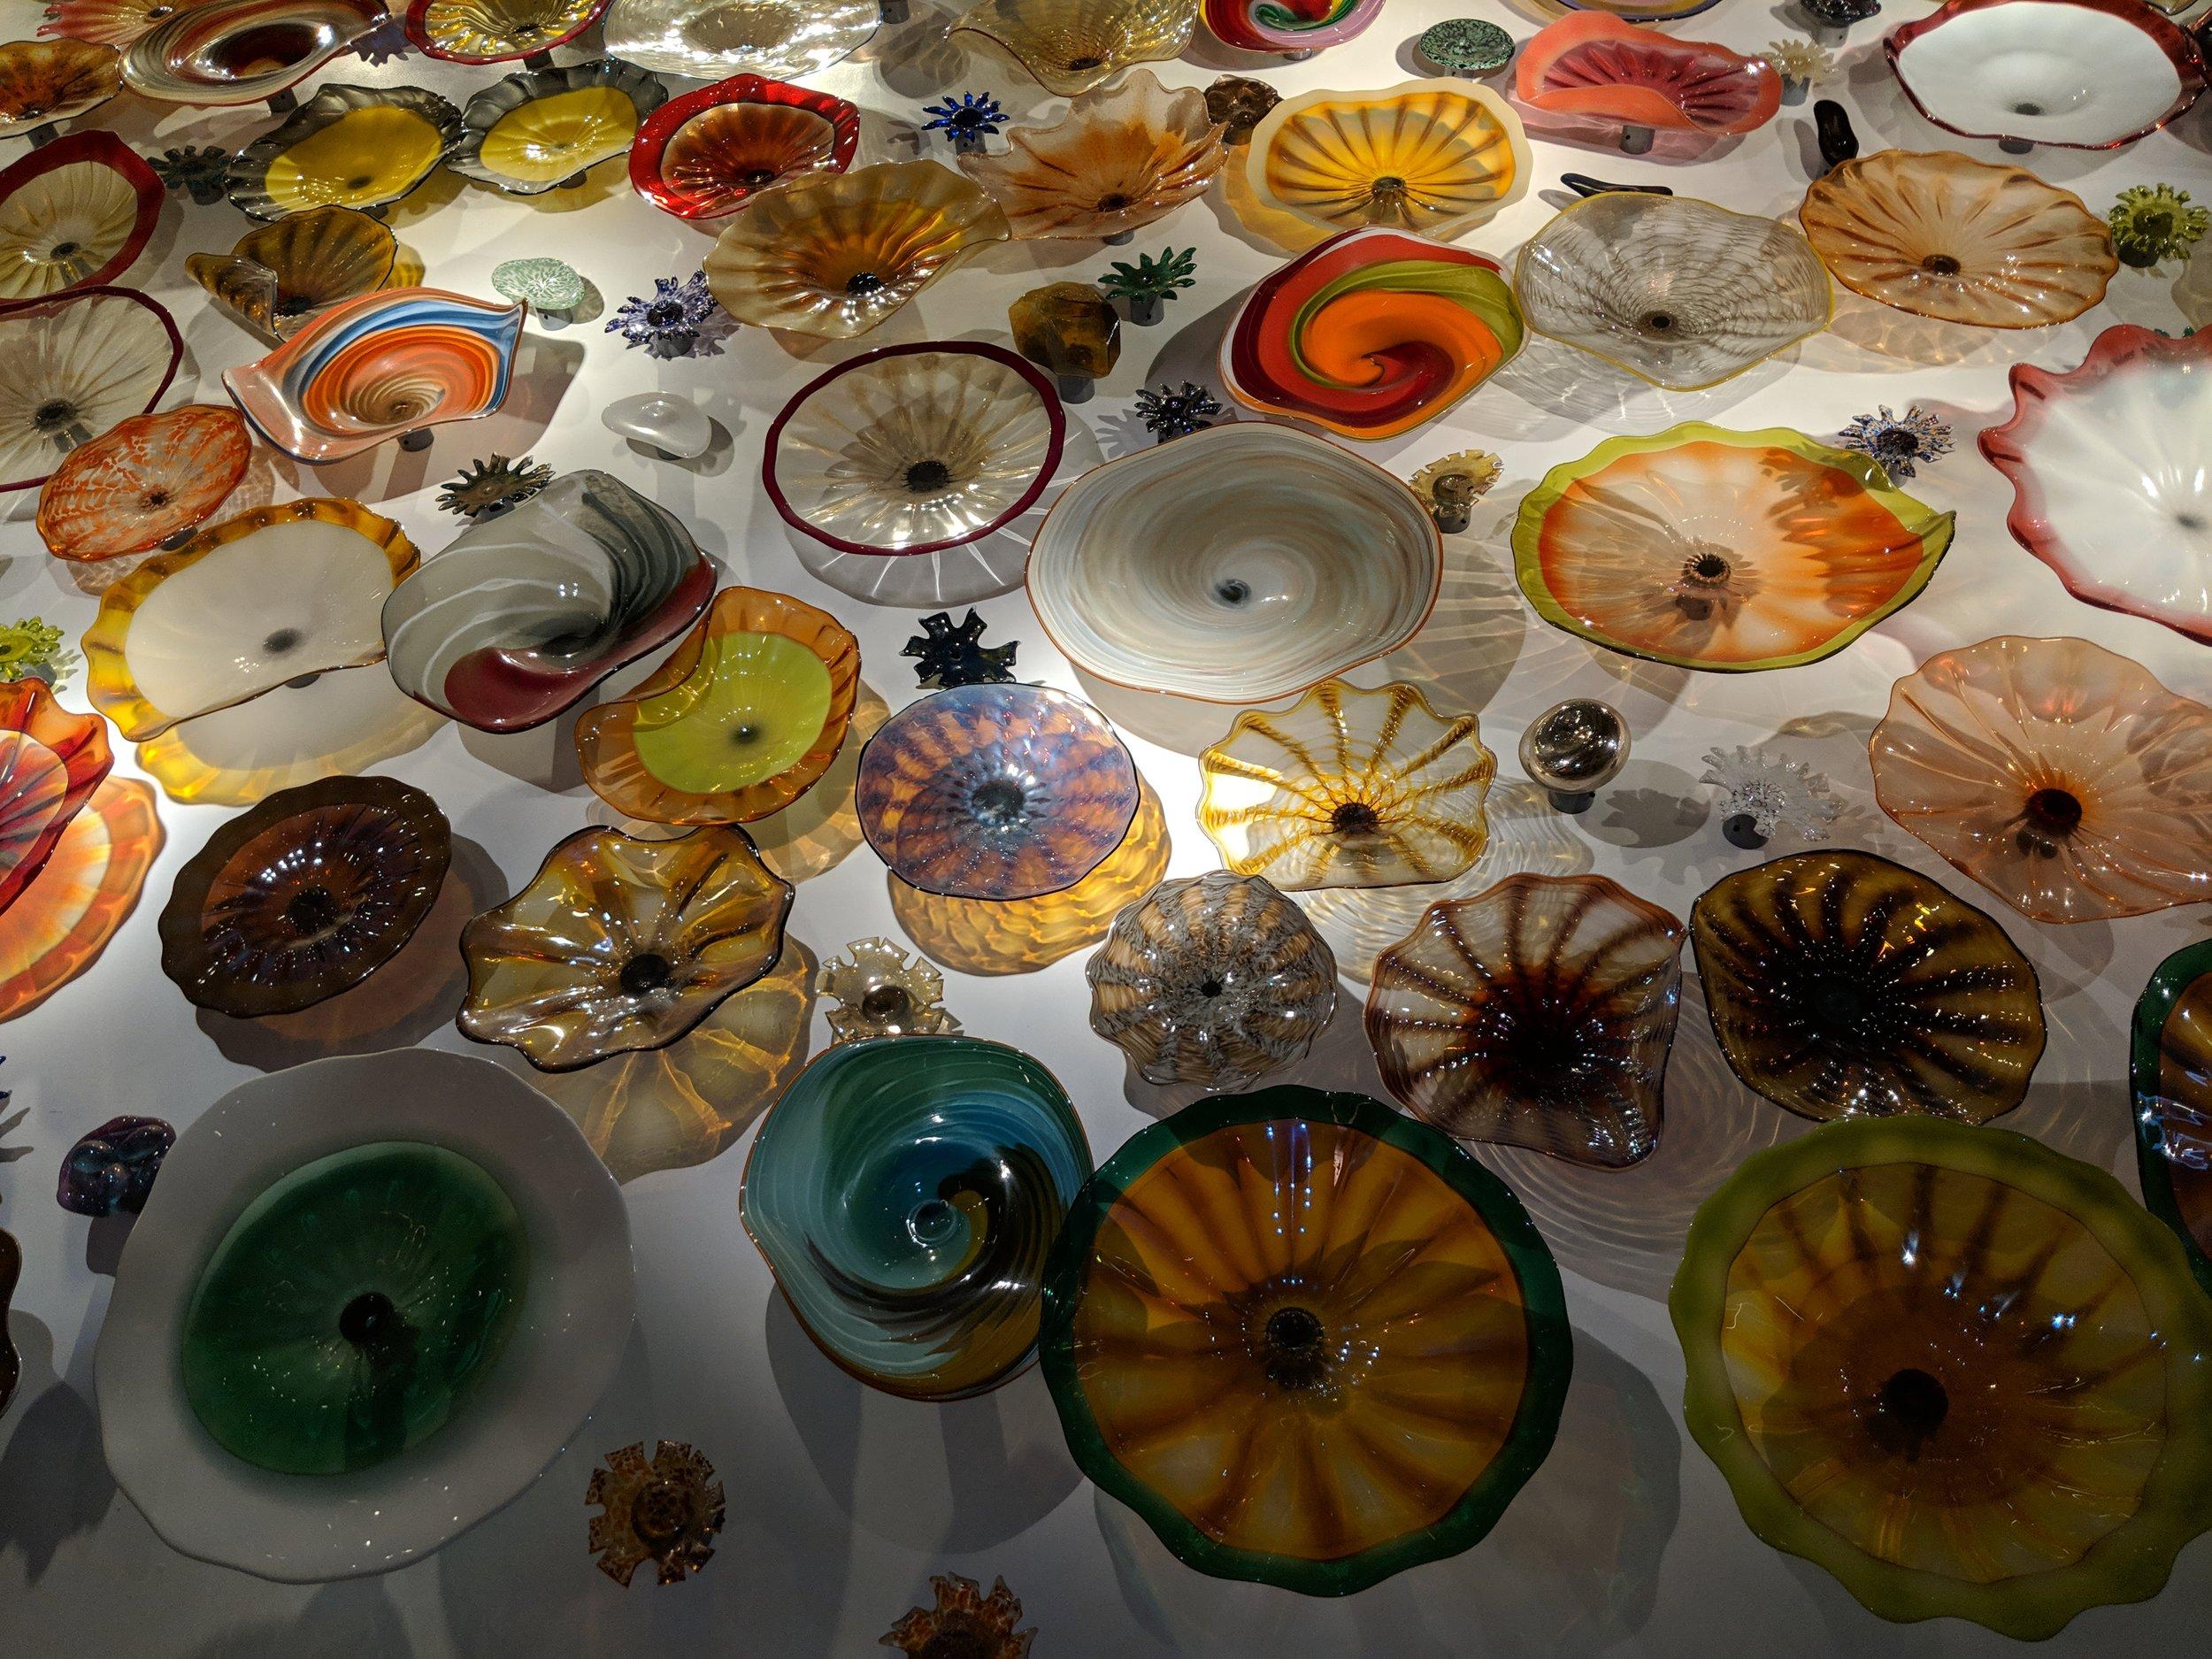 More Vidrio glassware